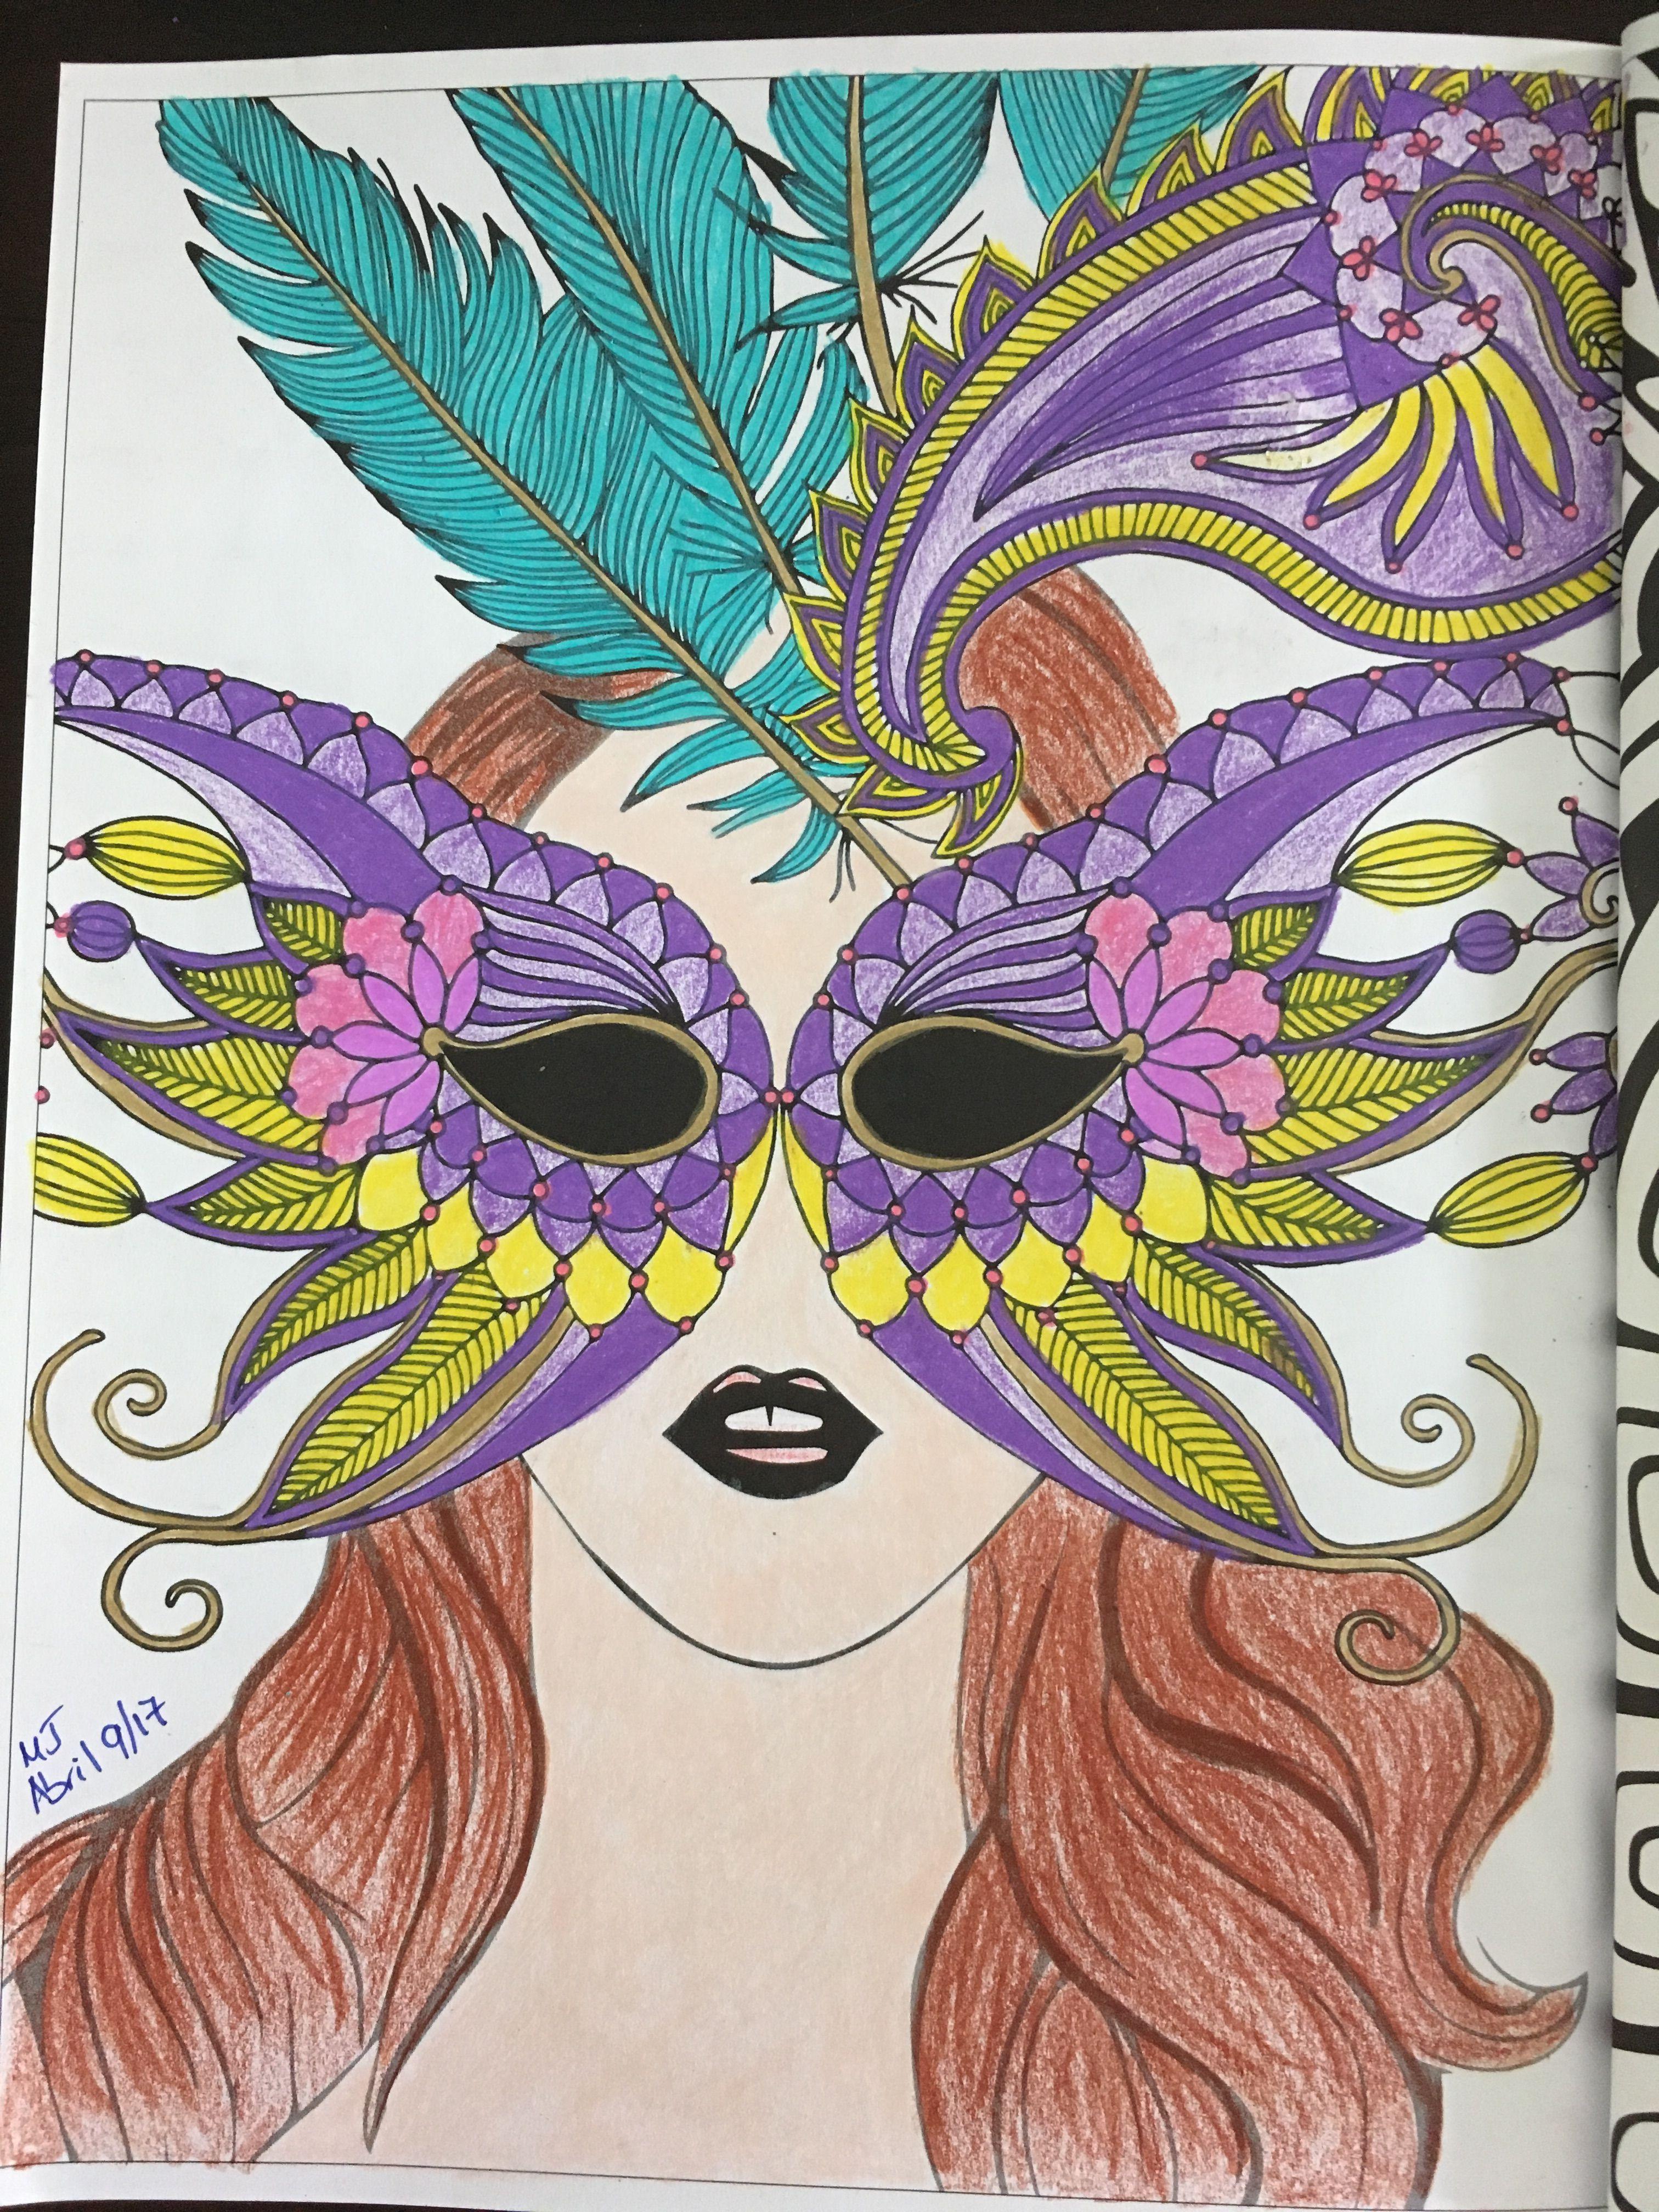 #coloring #coloreando del libro Arte Terapia Zen, colorea máscaras y relájate.